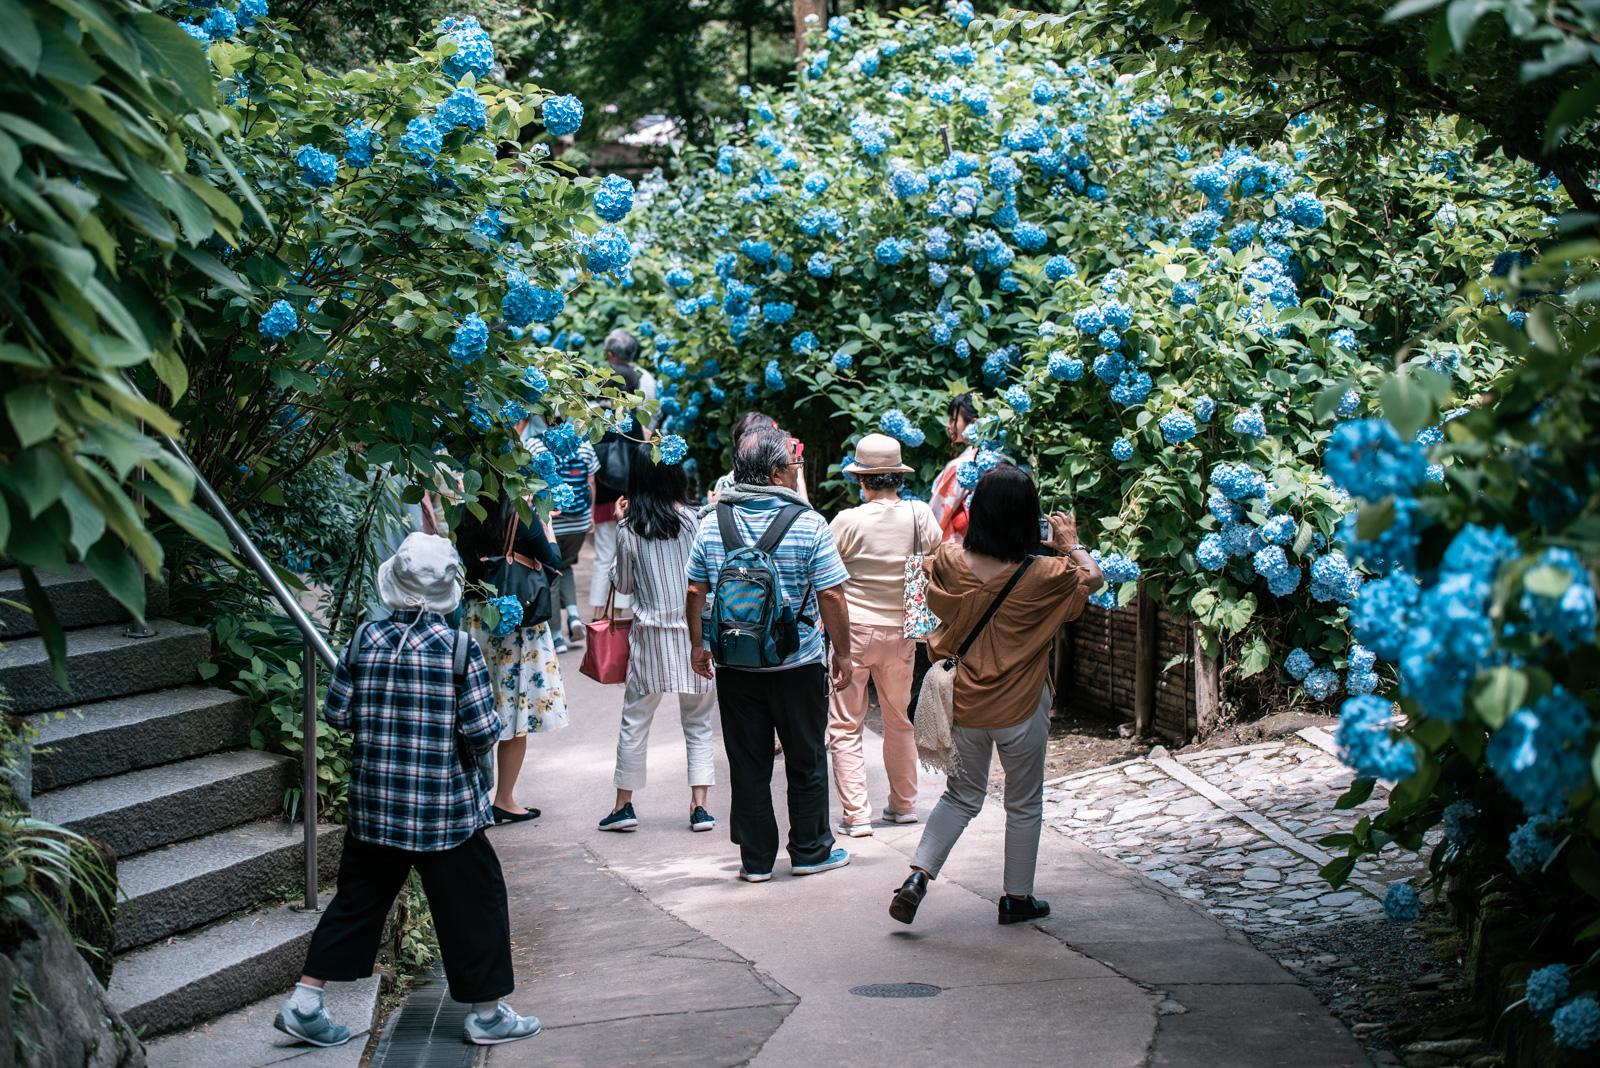 少し晴れ間が見えたので、北鎌倉から鎌倉までをぶらりと歩いてきました